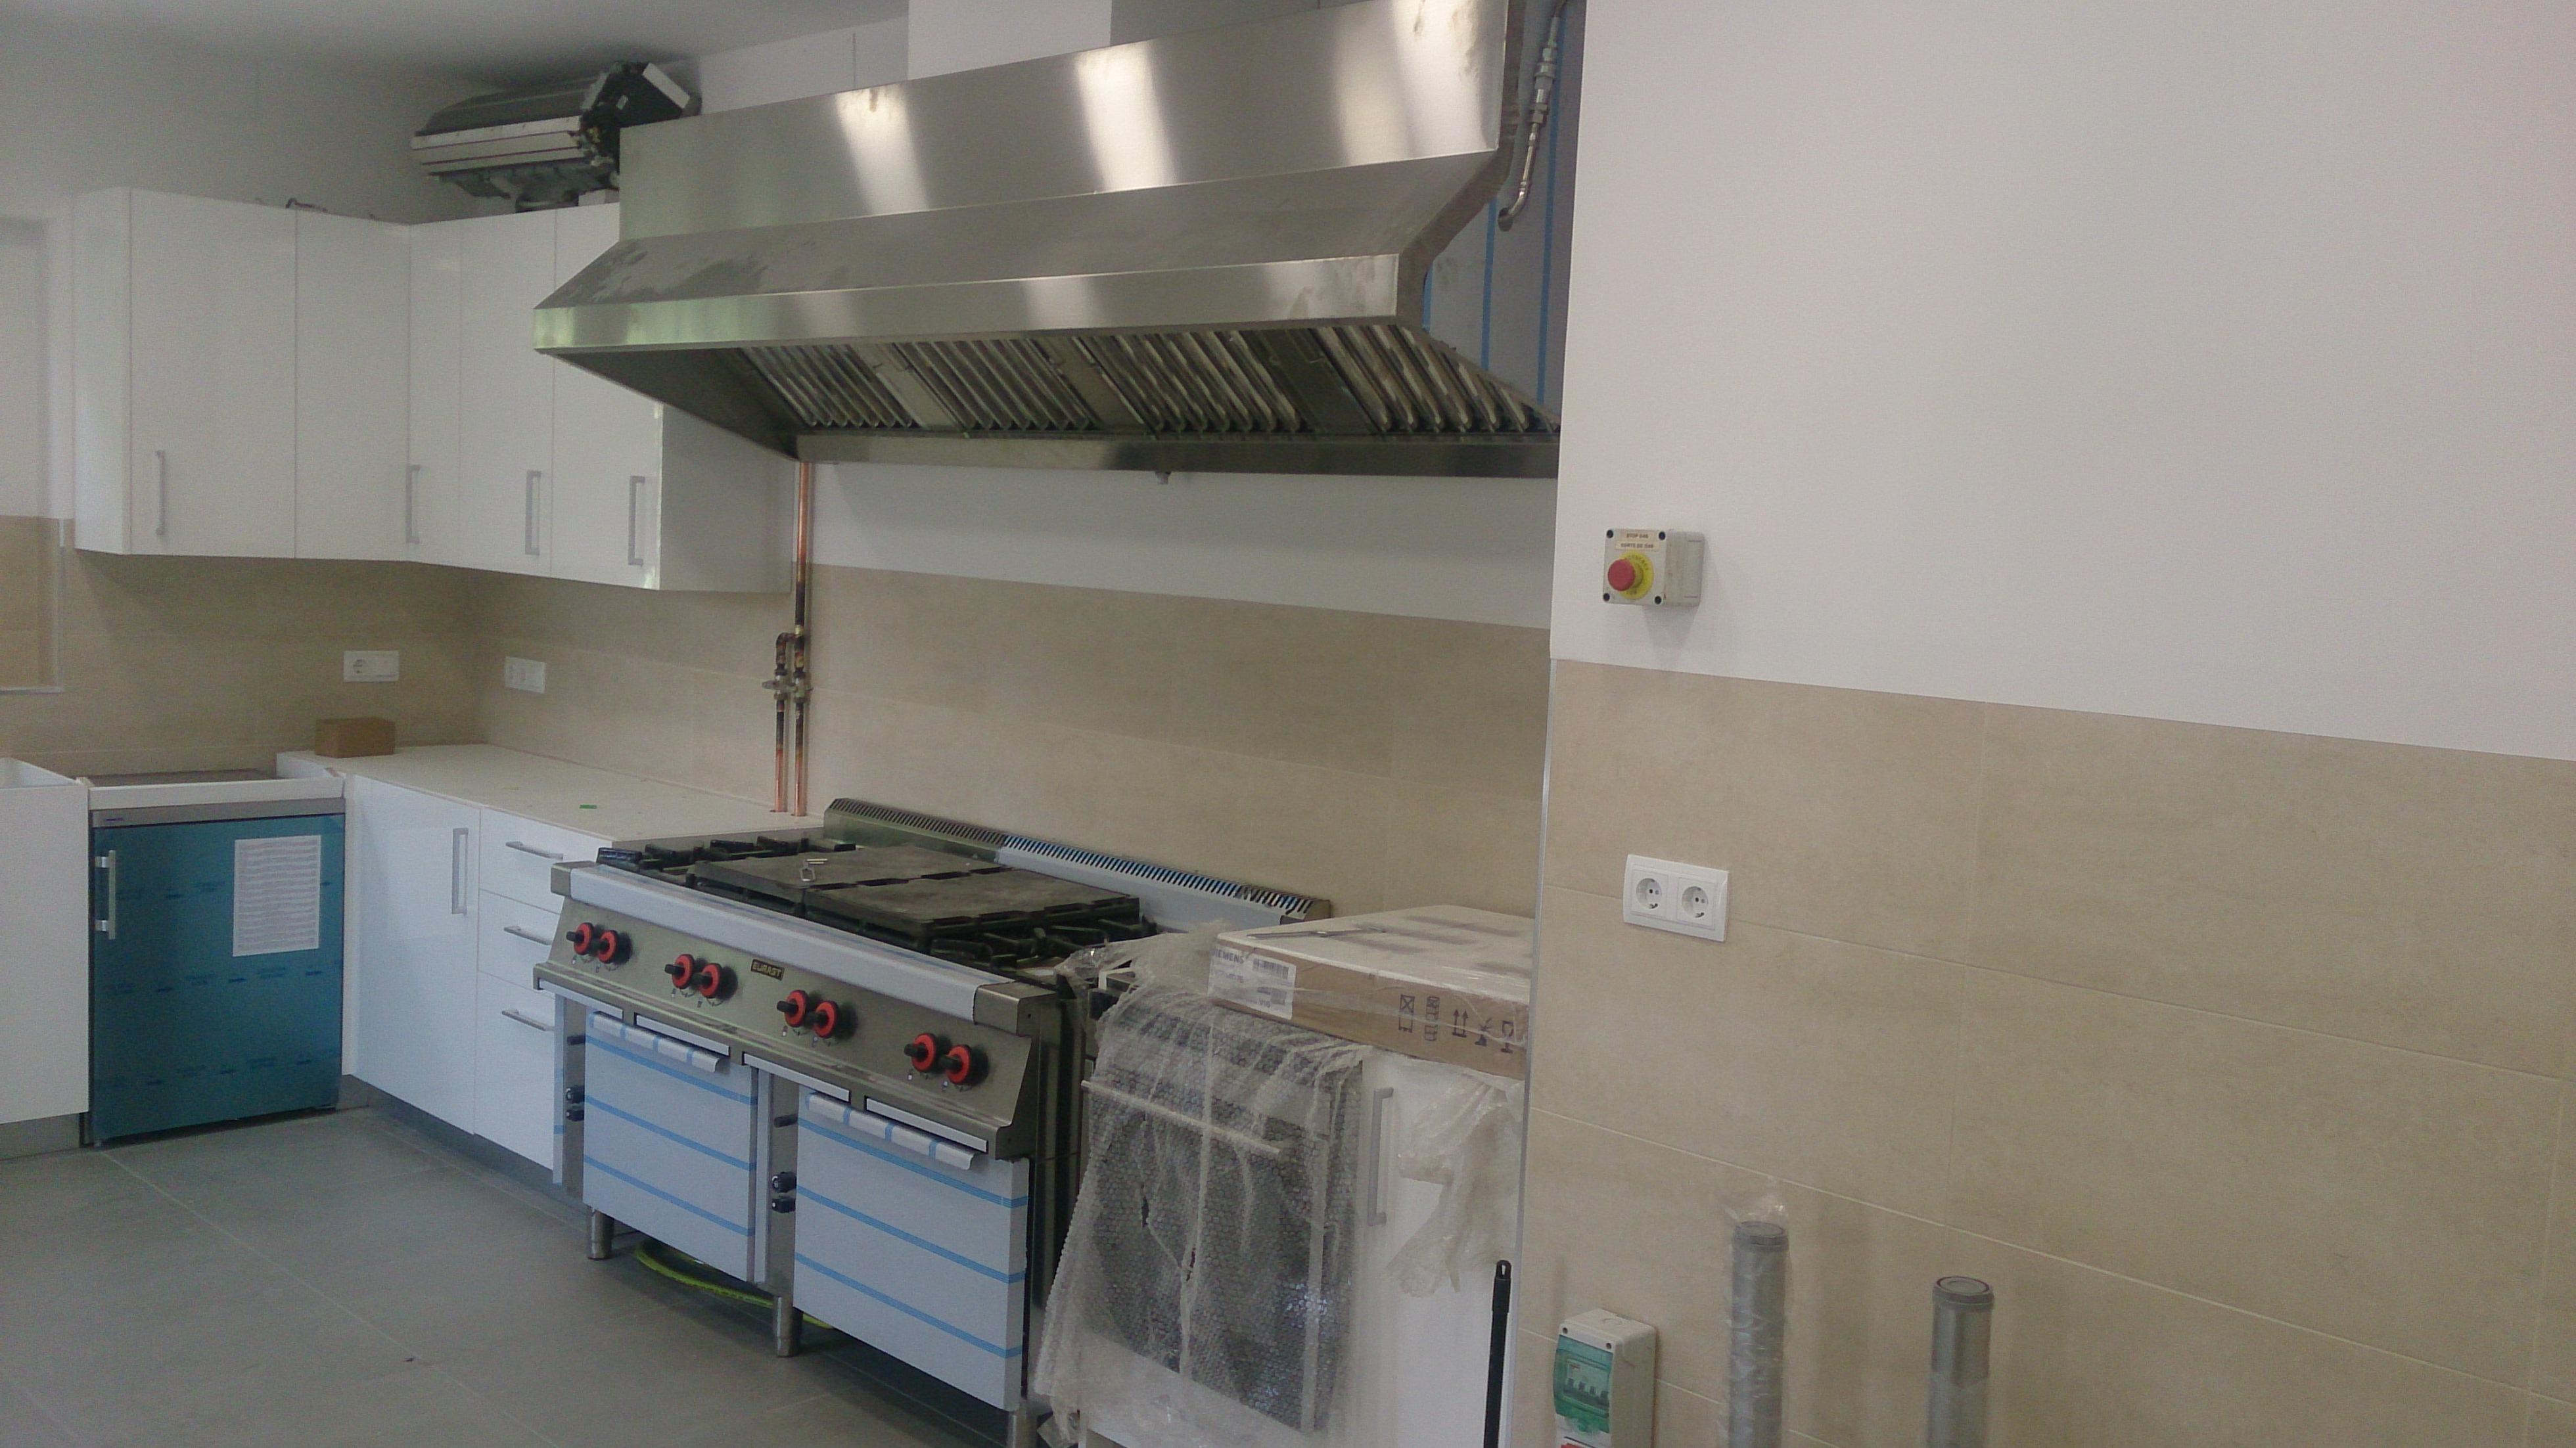 Maquinaria de hosteleria y ventilacion industrial Residencia Embajador Britanico